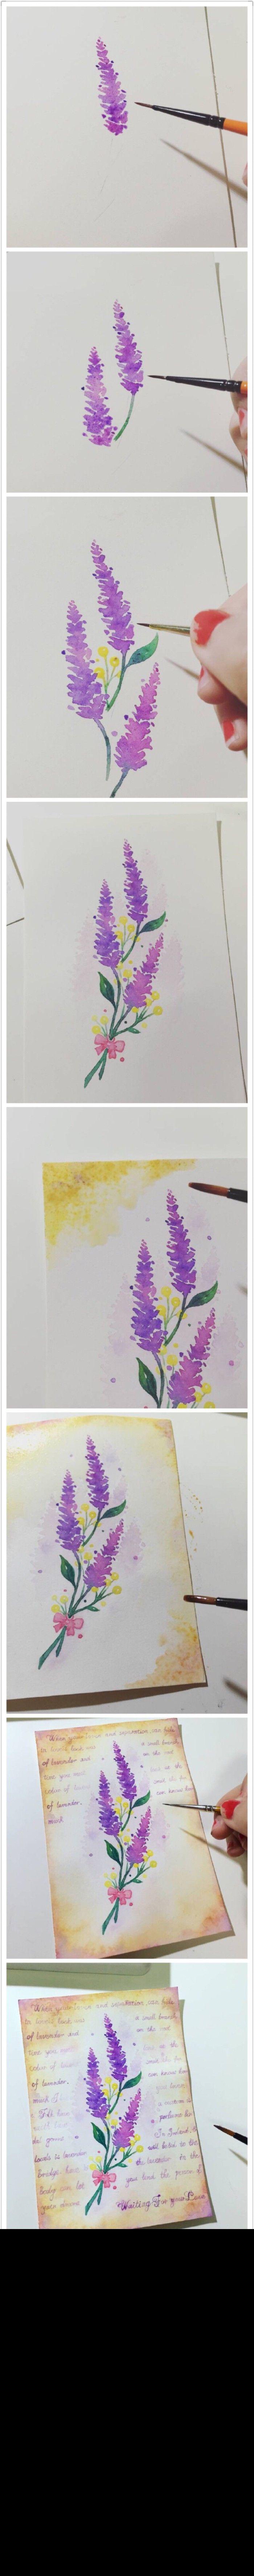 Eine Lavendel Illustration Zeichenvorlagen Blumen Zeichnen